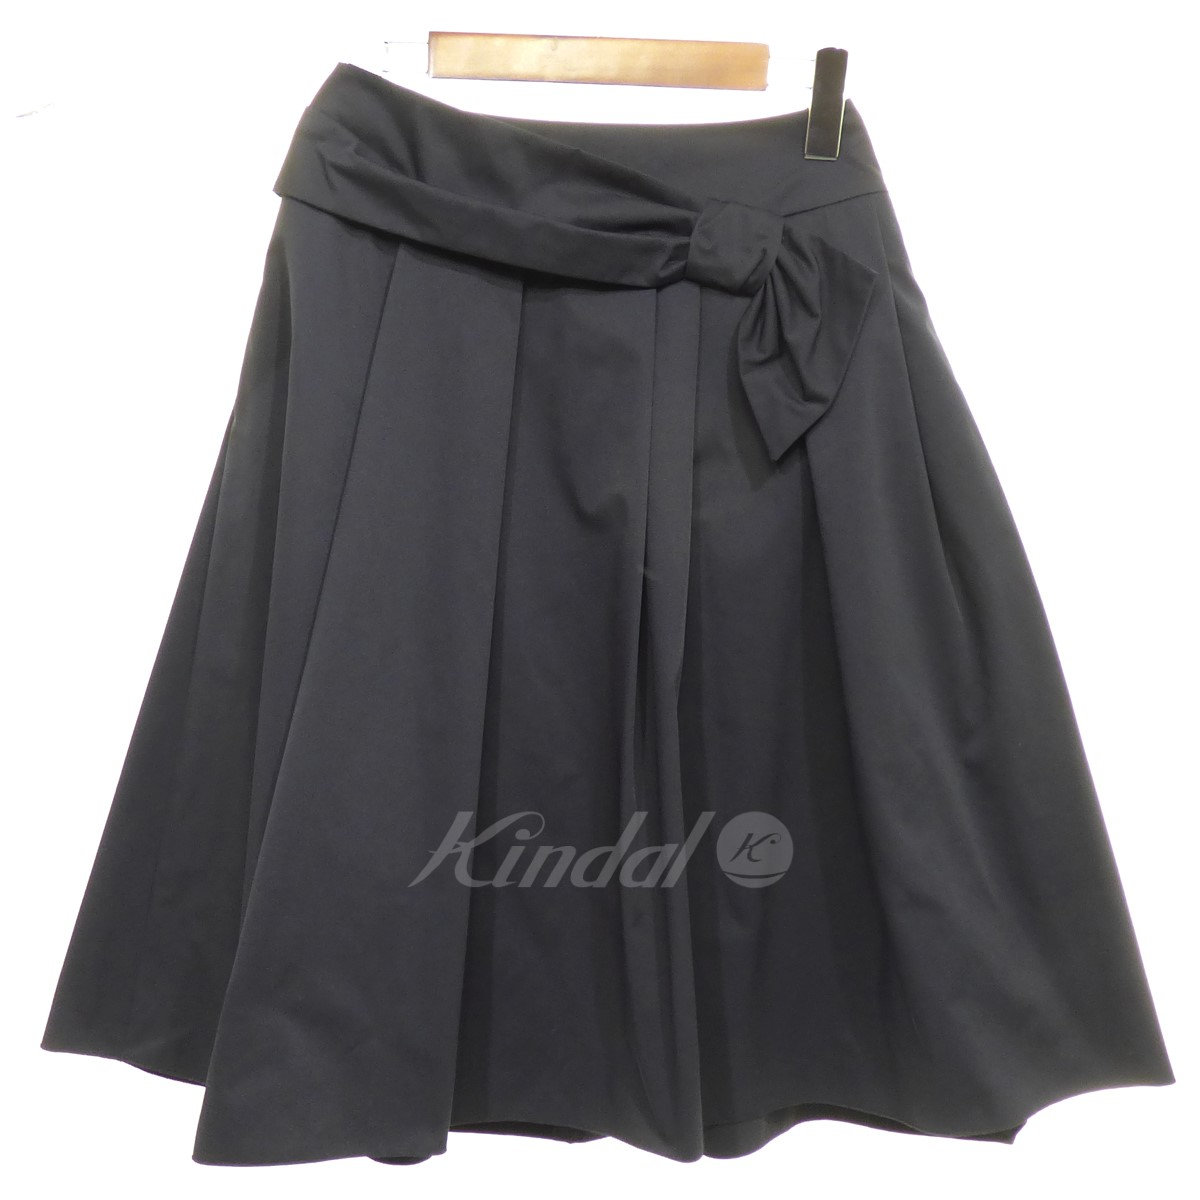 【中古】FOXEY NEW YORK キャンディラップスカート 【送料無料】 【132924】 【KIND1641】